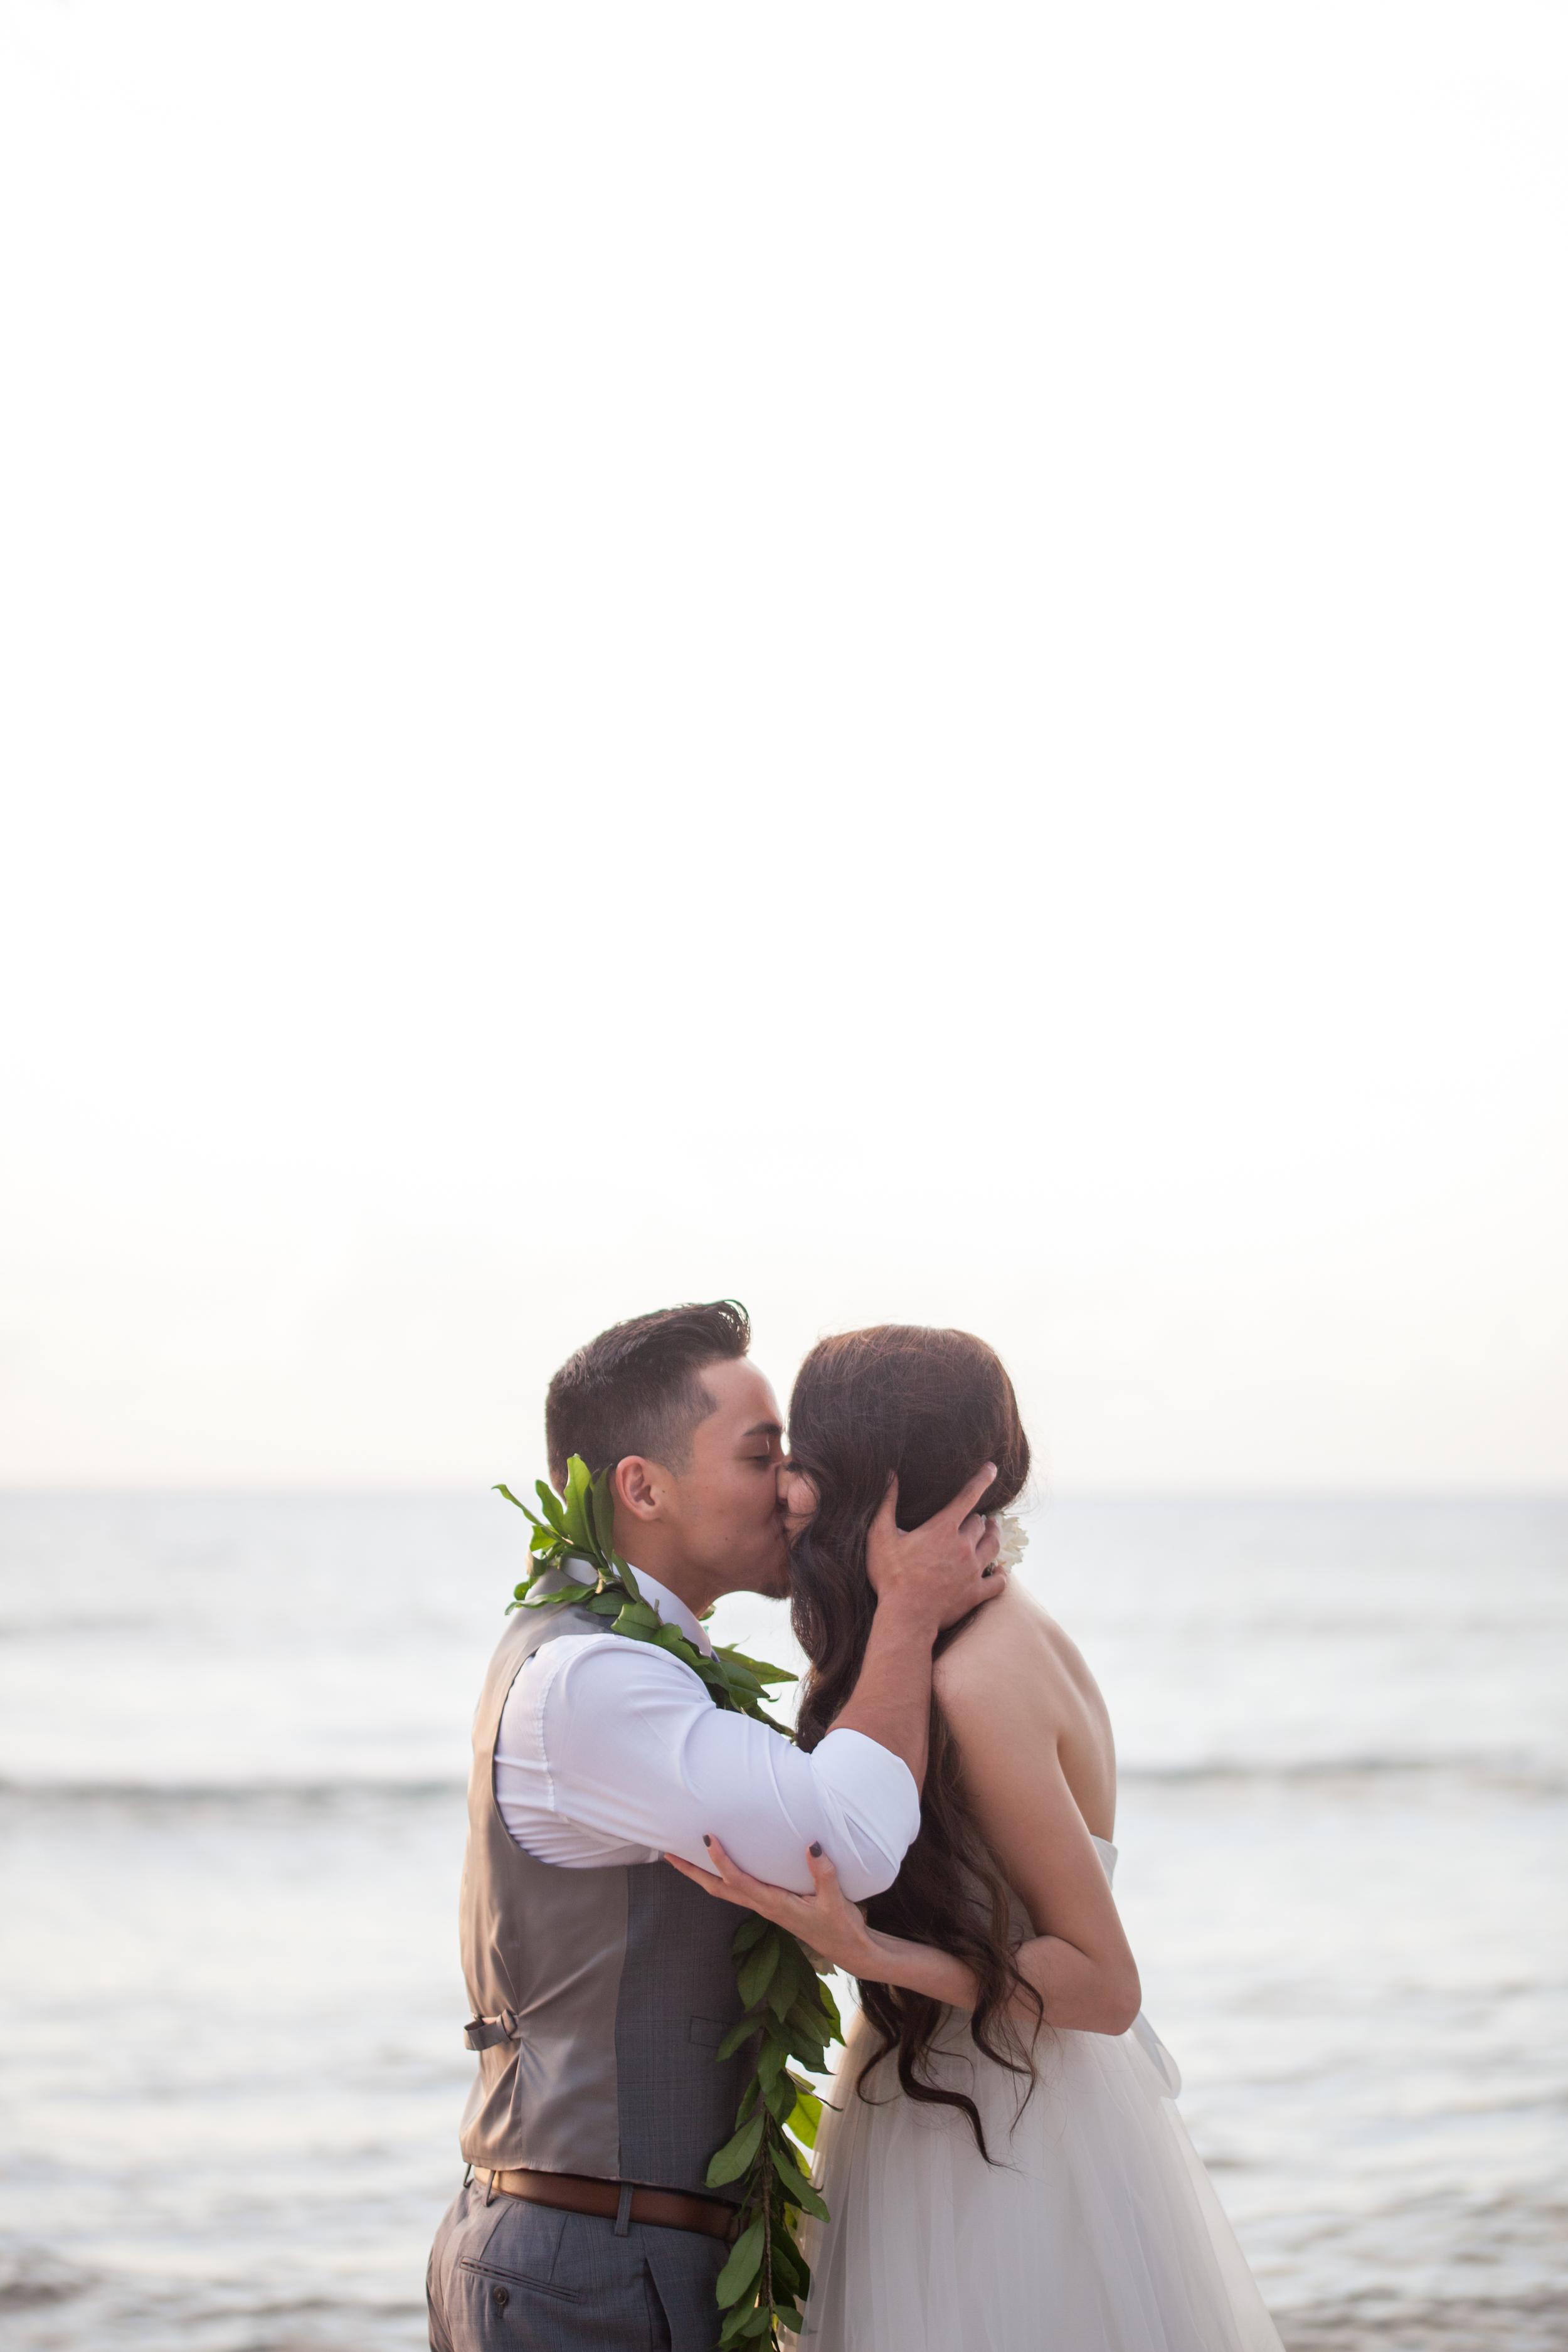 big island hawaii mauna lani resort wedding © kelilina photography 20160523183552-1.jpg